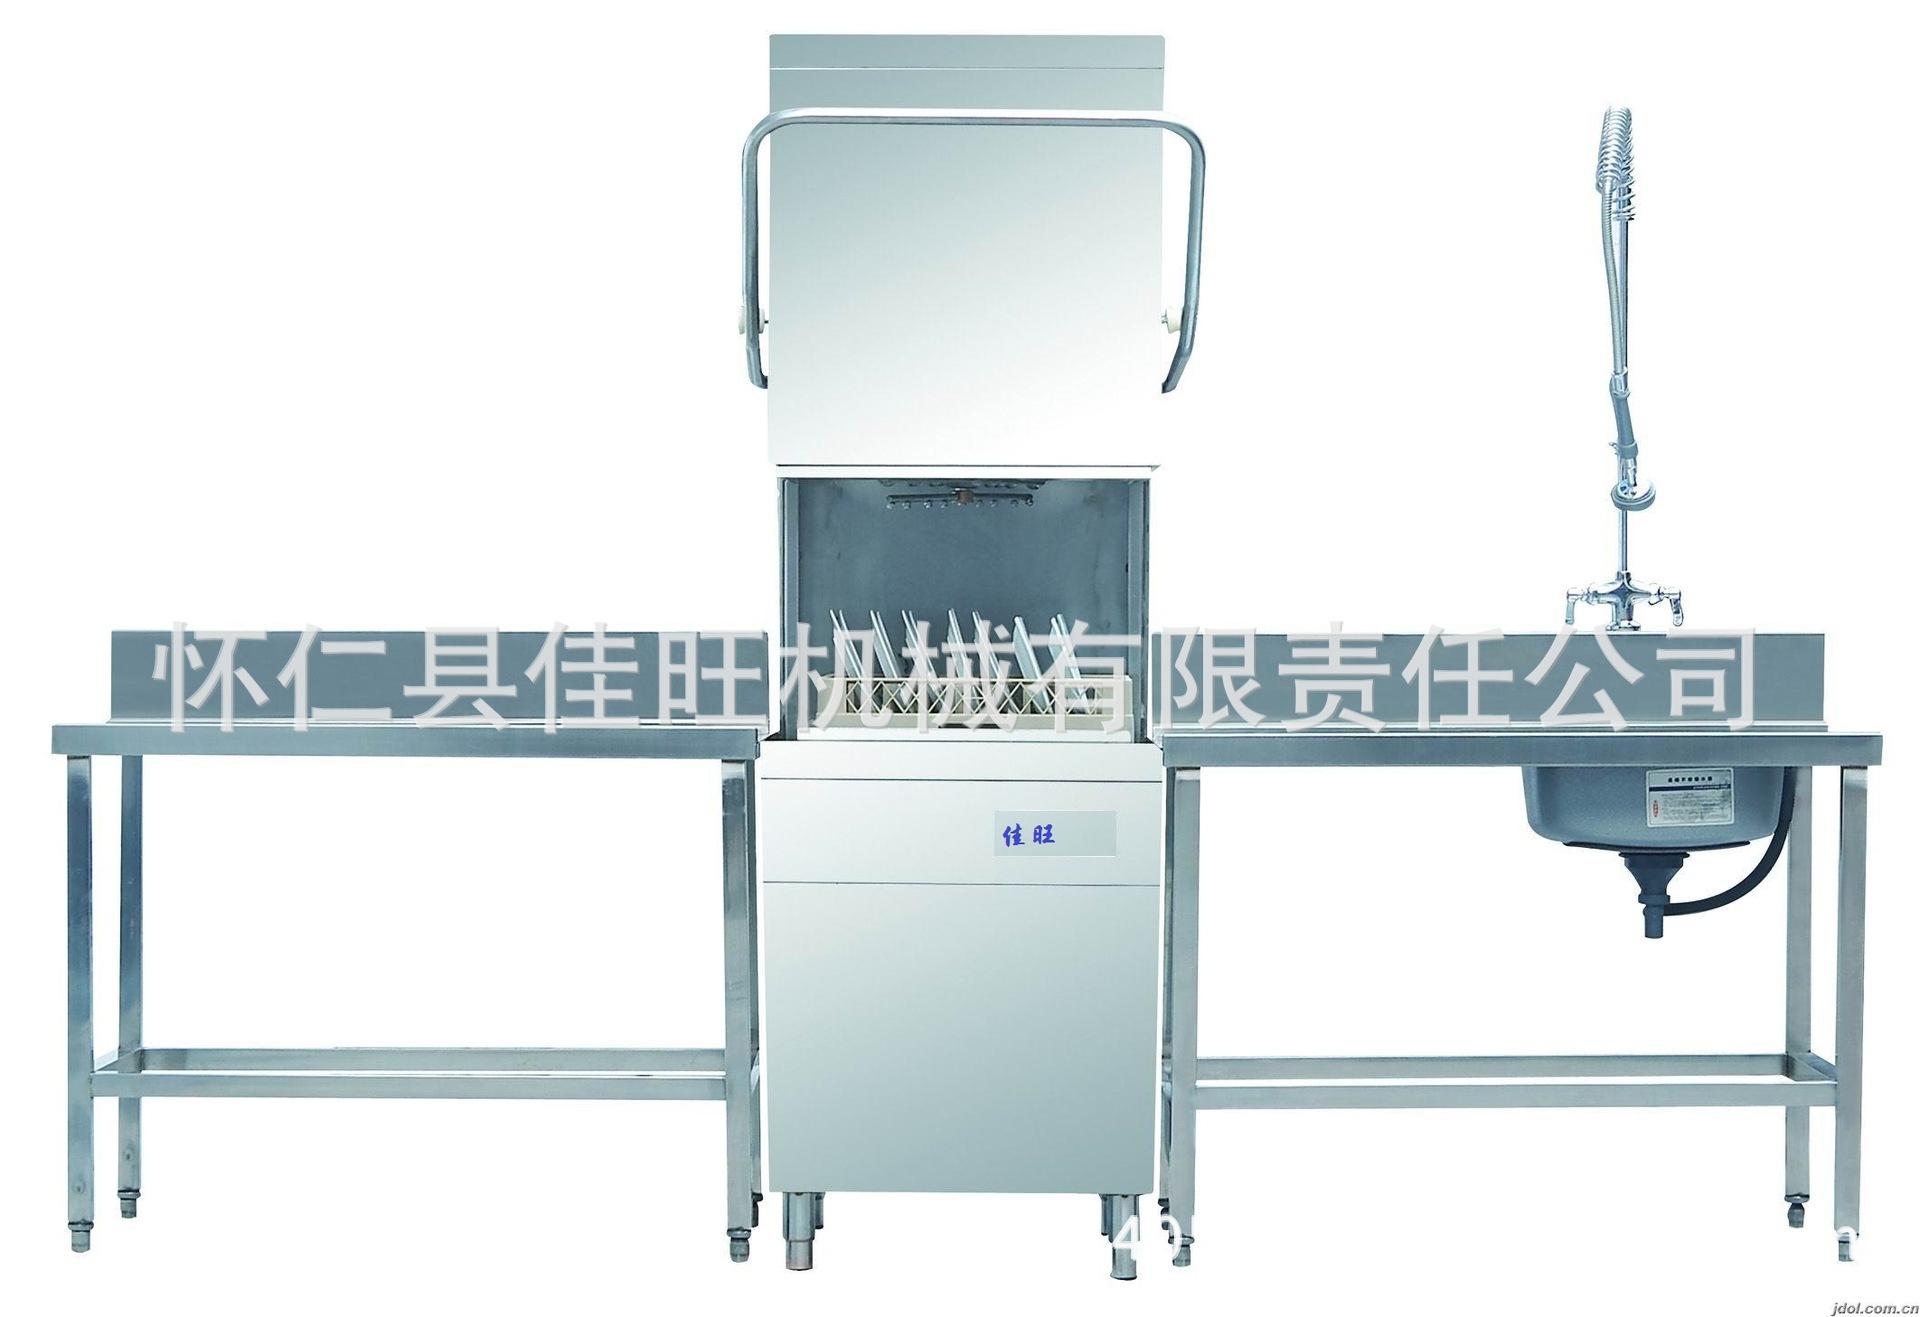 Máy rửa chén  Dishwashing equipment, commercial dishwashing machines, commercial washing utensils,